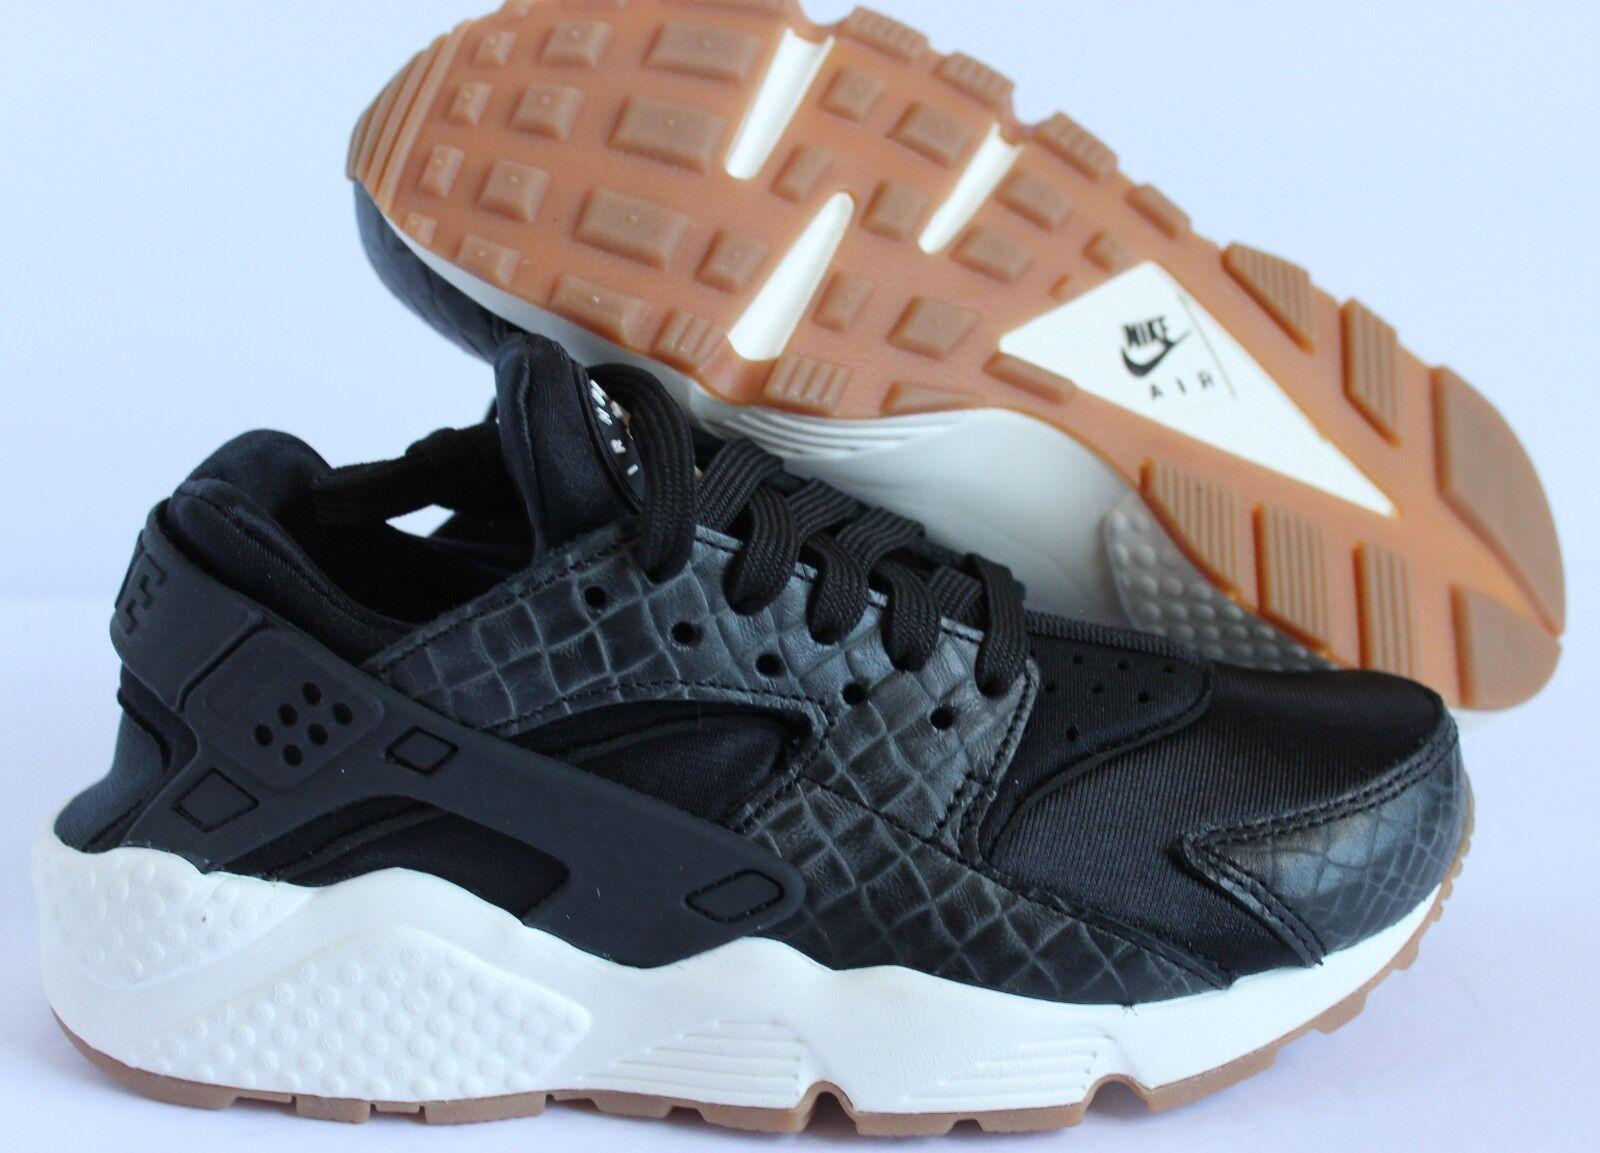 Mujeres Nike Air Huarache Run PRM Premium Negro-Vela-Goma Negro-Vela-Goma Negro-Vela-Goma Marrón Talla 6  solo cómpralo